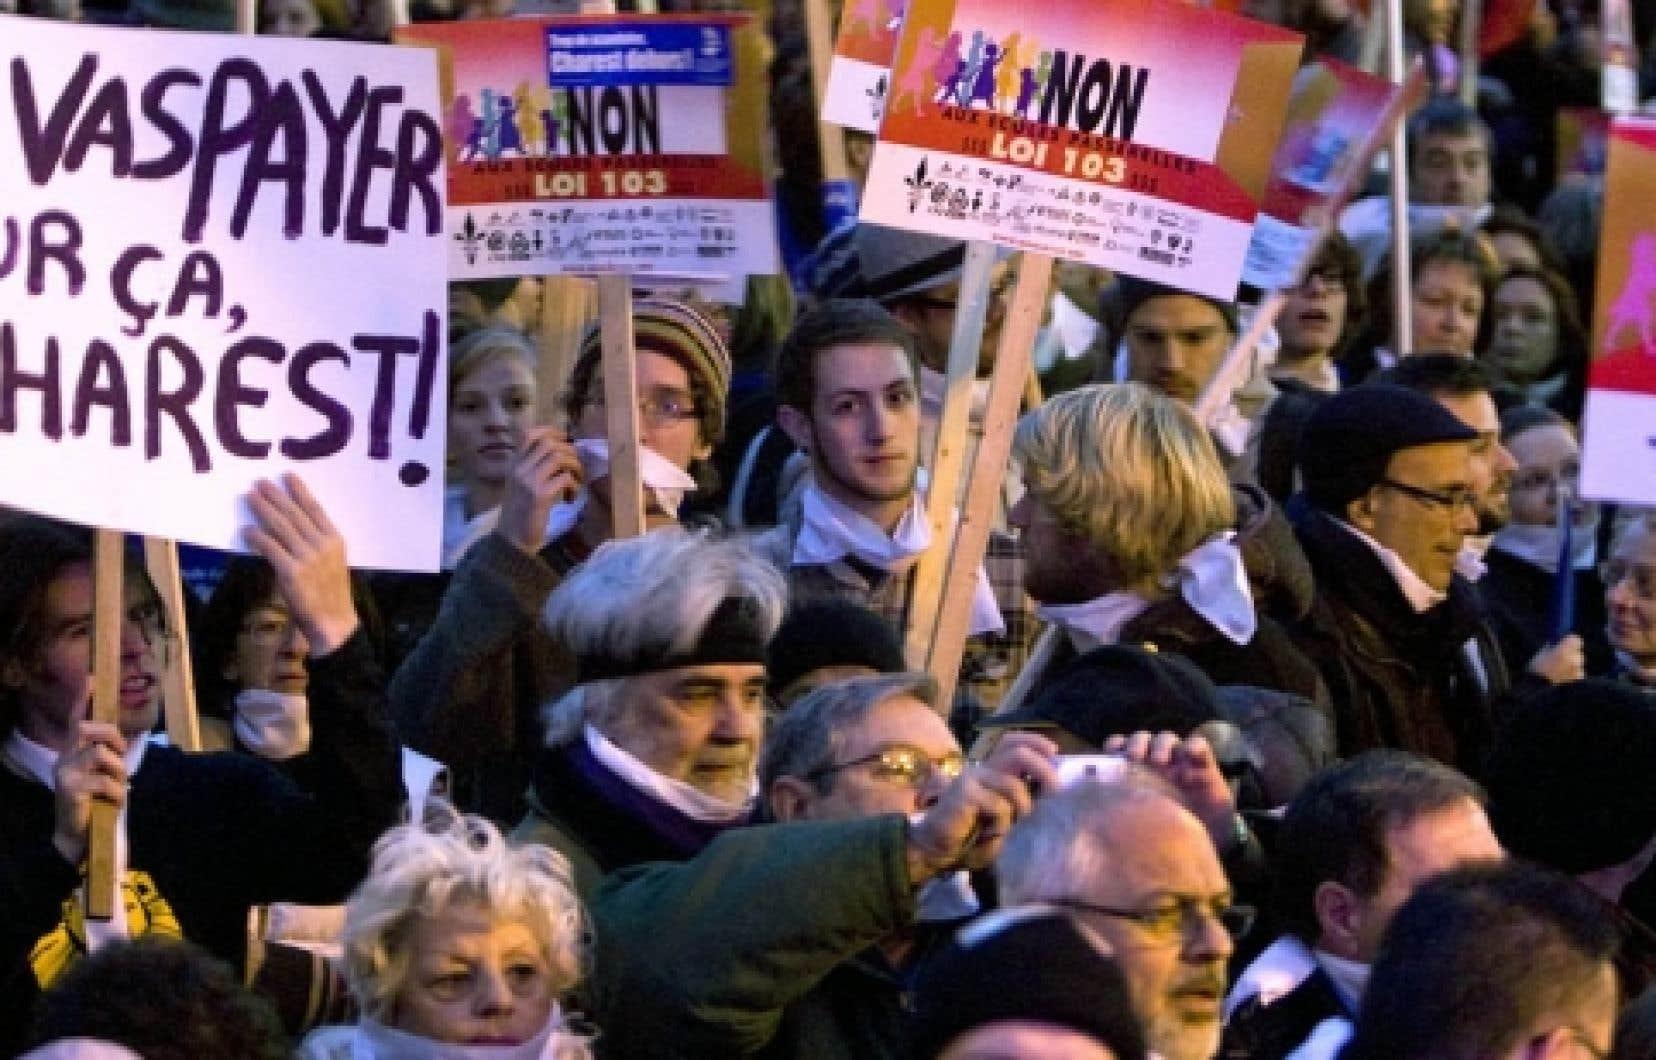 &laquo;Fran&ccedil;ais! Fran&ccedil;ais! Fran&ccedil;ais!&raquo;, ont scand&eacute; quelques milliers de personnes mass&eacute;es devant le bureau montr&eacute;alais du premier ministre Jean Charest.<br />